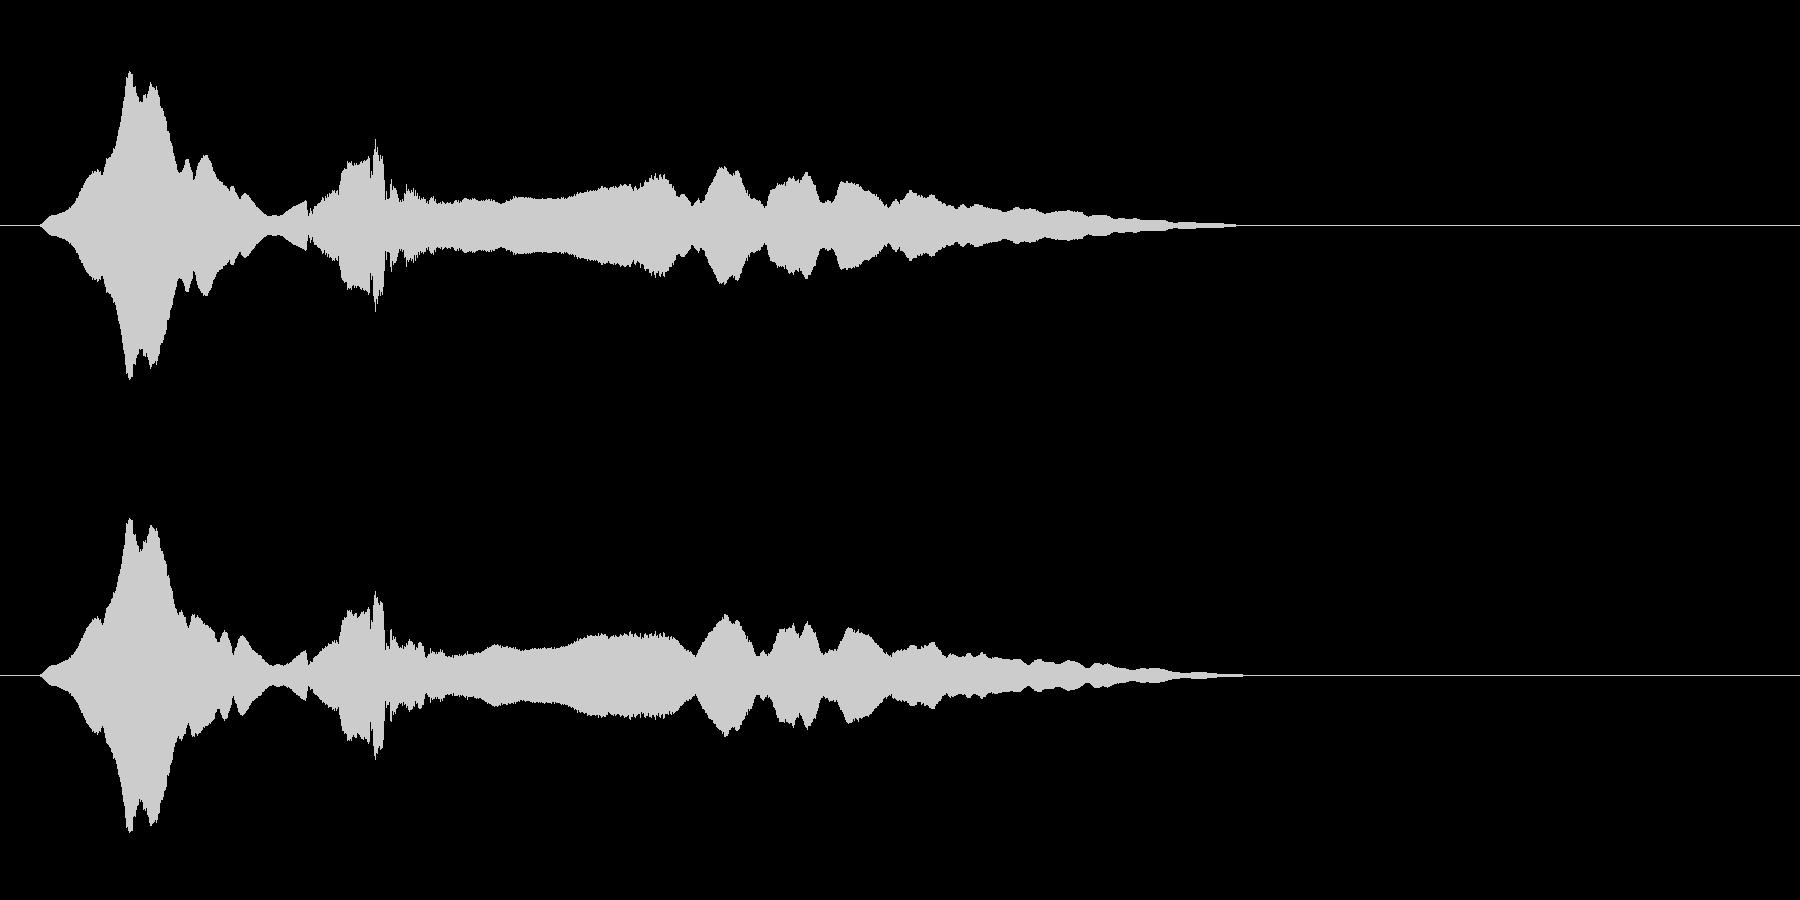 尺八 生演奏 古典風 残響音有 #17の未再生の波形